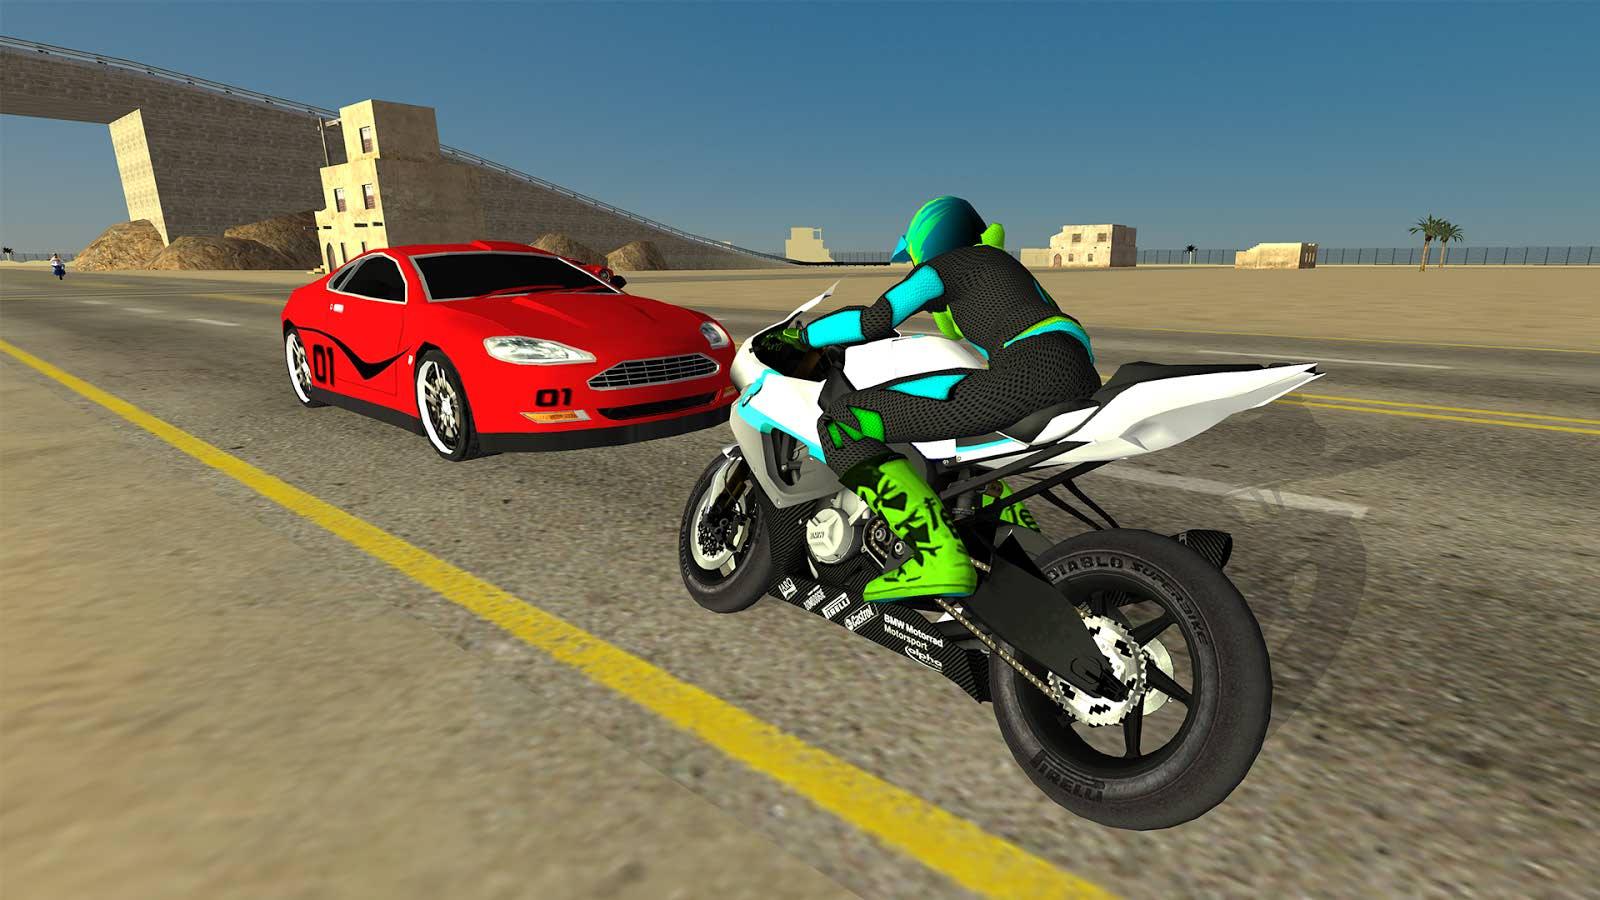 دانلود بازی فوق العاده موتور سواری برای اندروید Motorbike Driving Simulator 3D